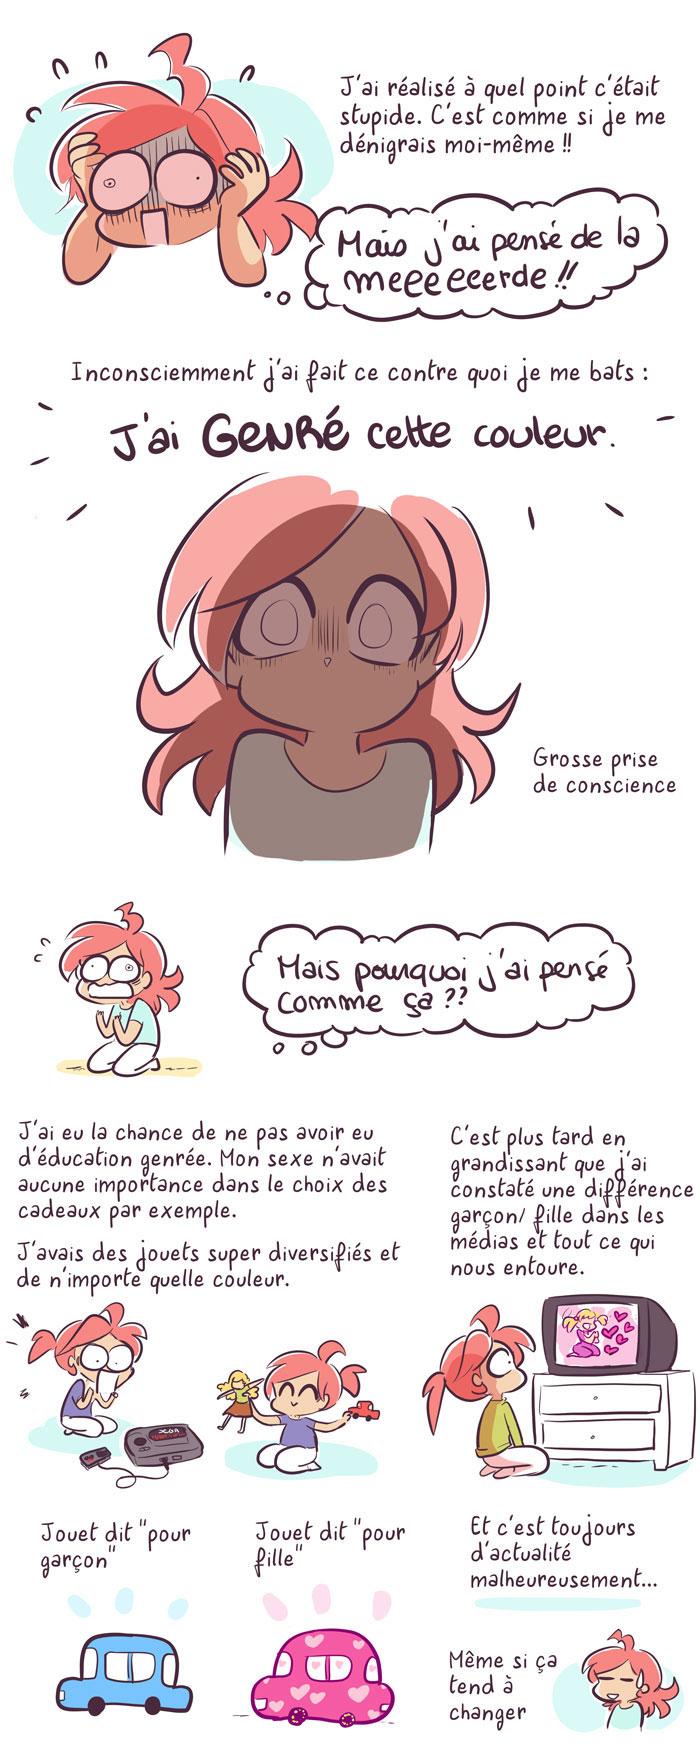 couleur rose genre stéréotype